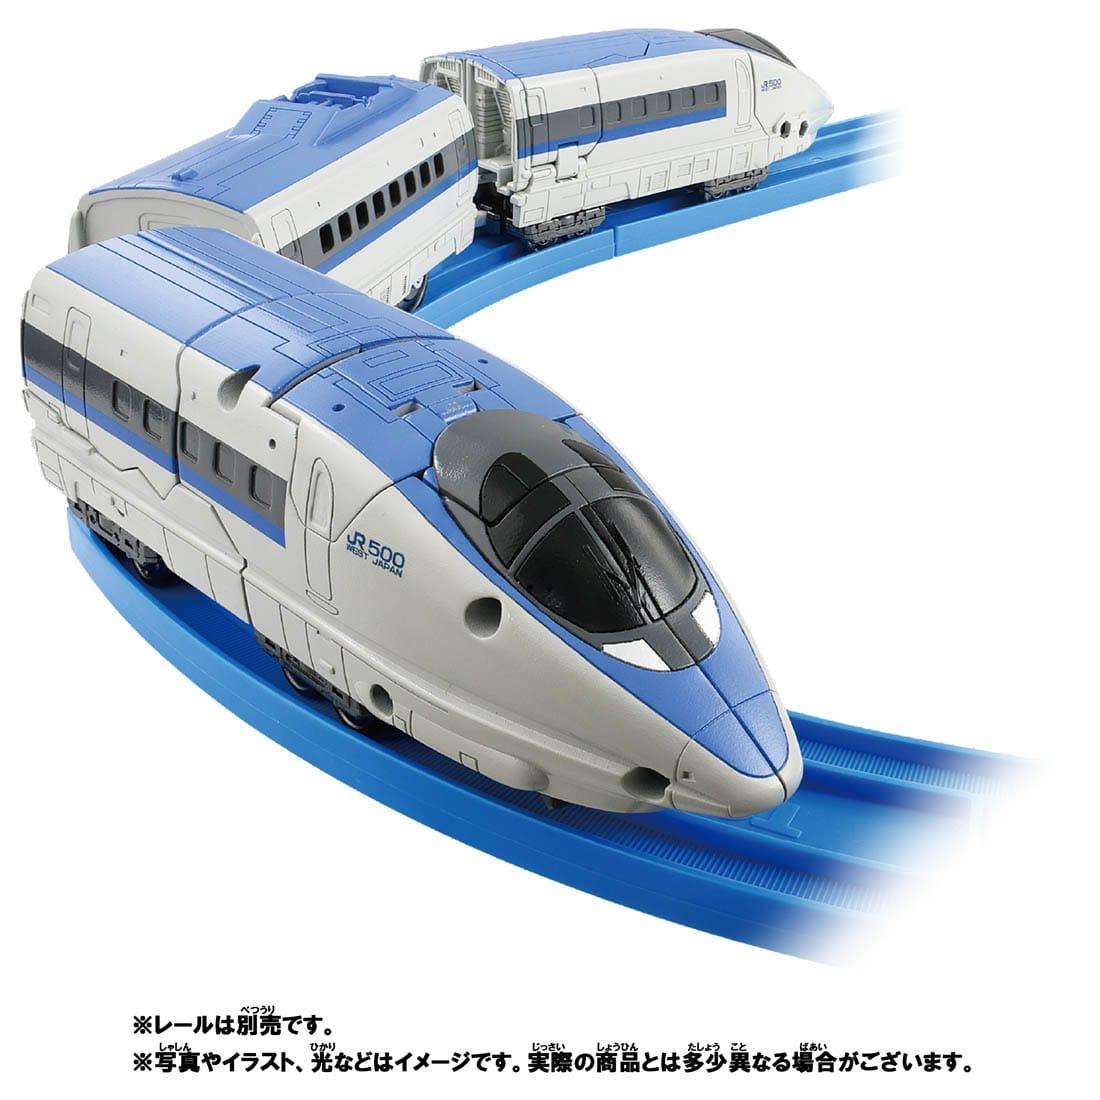 新幹線変形ロボ シンカリオンZ『シンカリオンZ 500オオサカカンジョウセット』可変合体プラレール-007